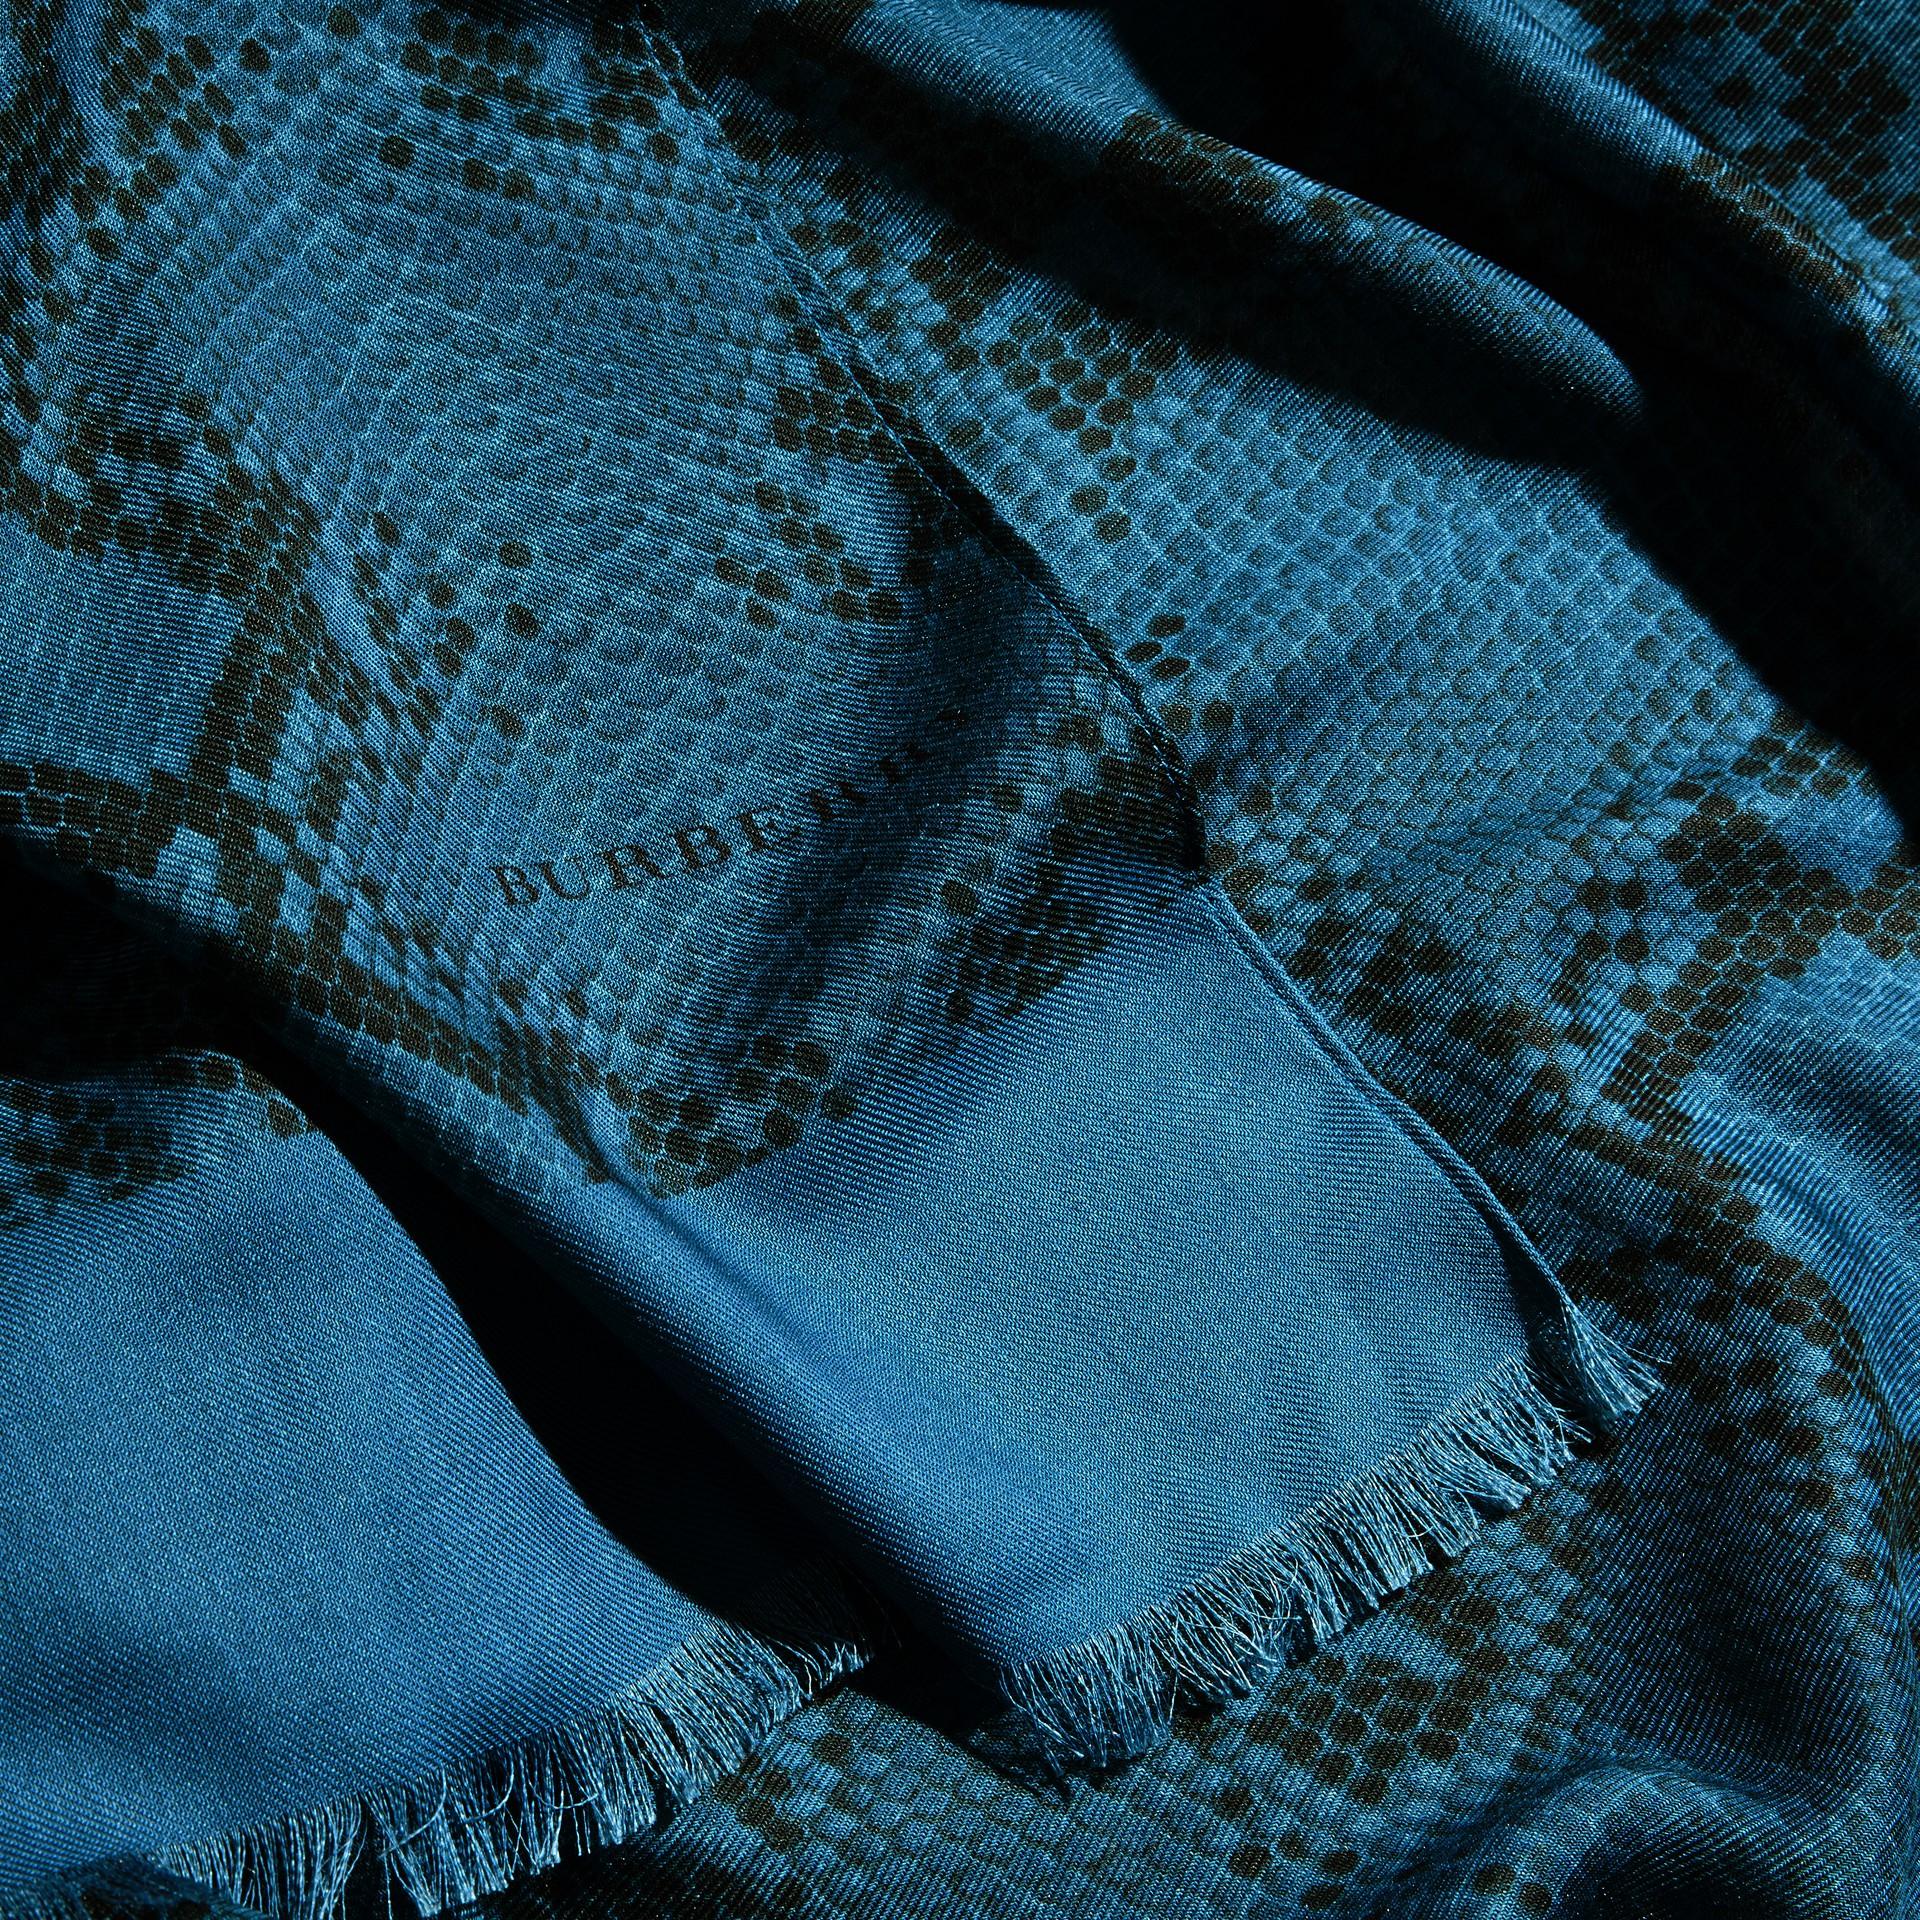 Blu minerale Poncho leggero in misto lana, cashmere e seta con stampa pitone Blu Minerale - immagine della galleria 2